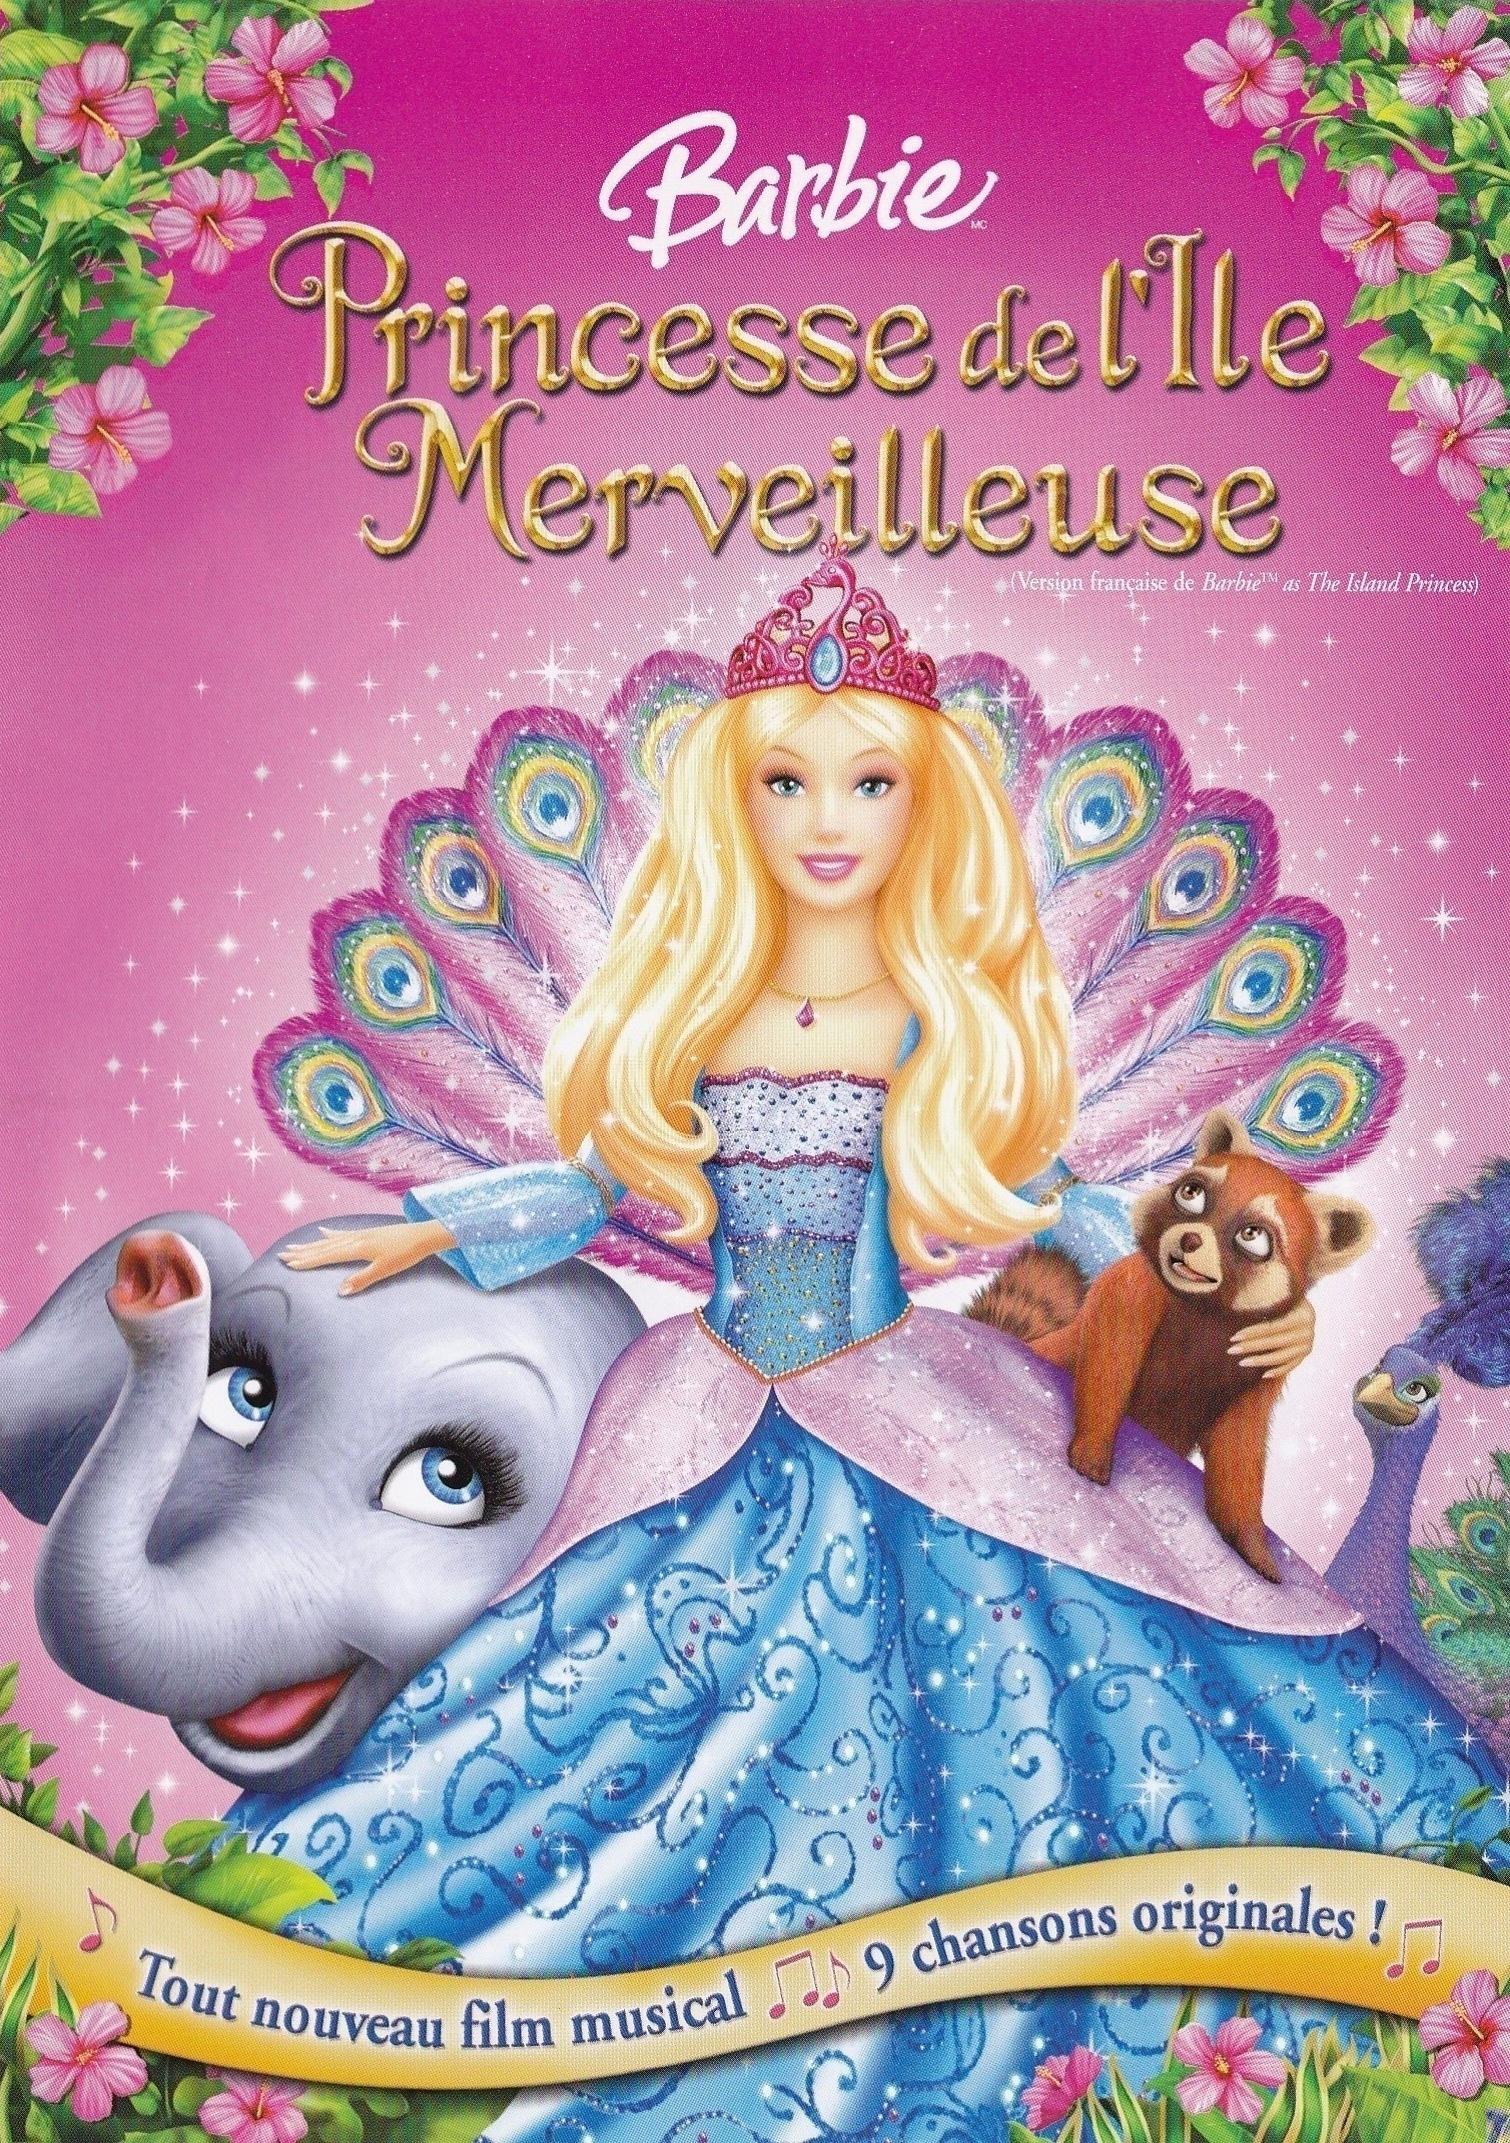 Barbie princesse de l 39 le merveilleuse seriebox - Barbie et l ile merveilleuse ...